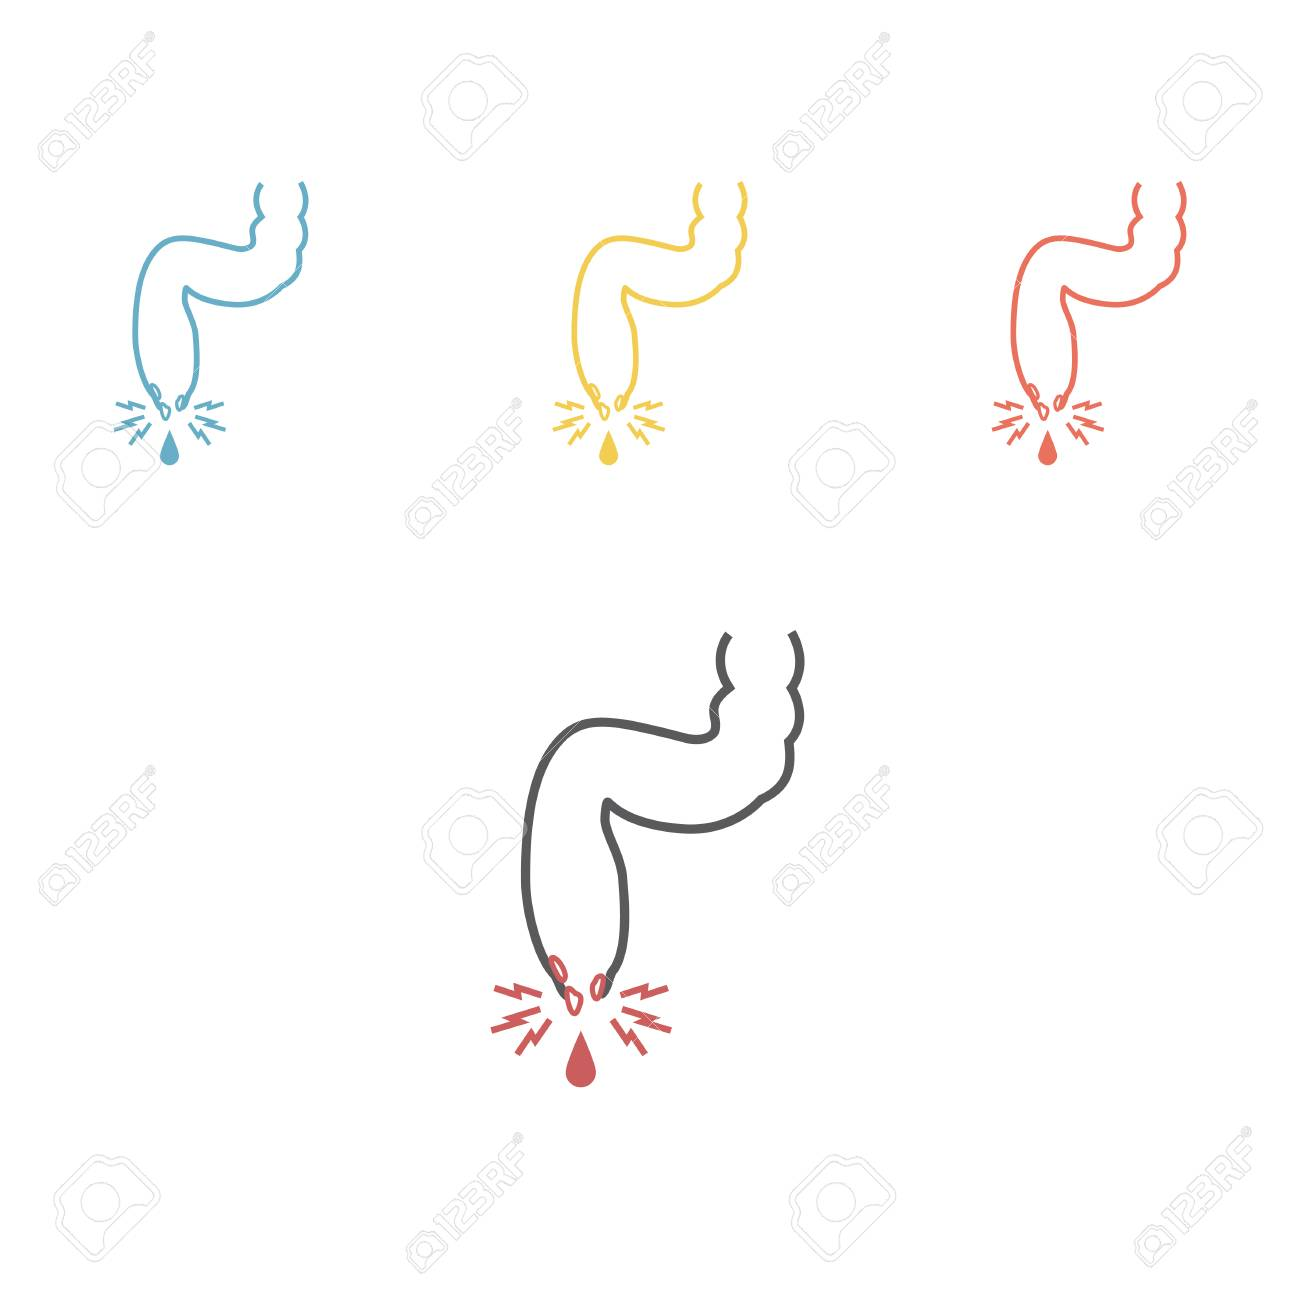 Ilustración Vectorial De Un Prolapso De Las Venas De Hemorroides ...